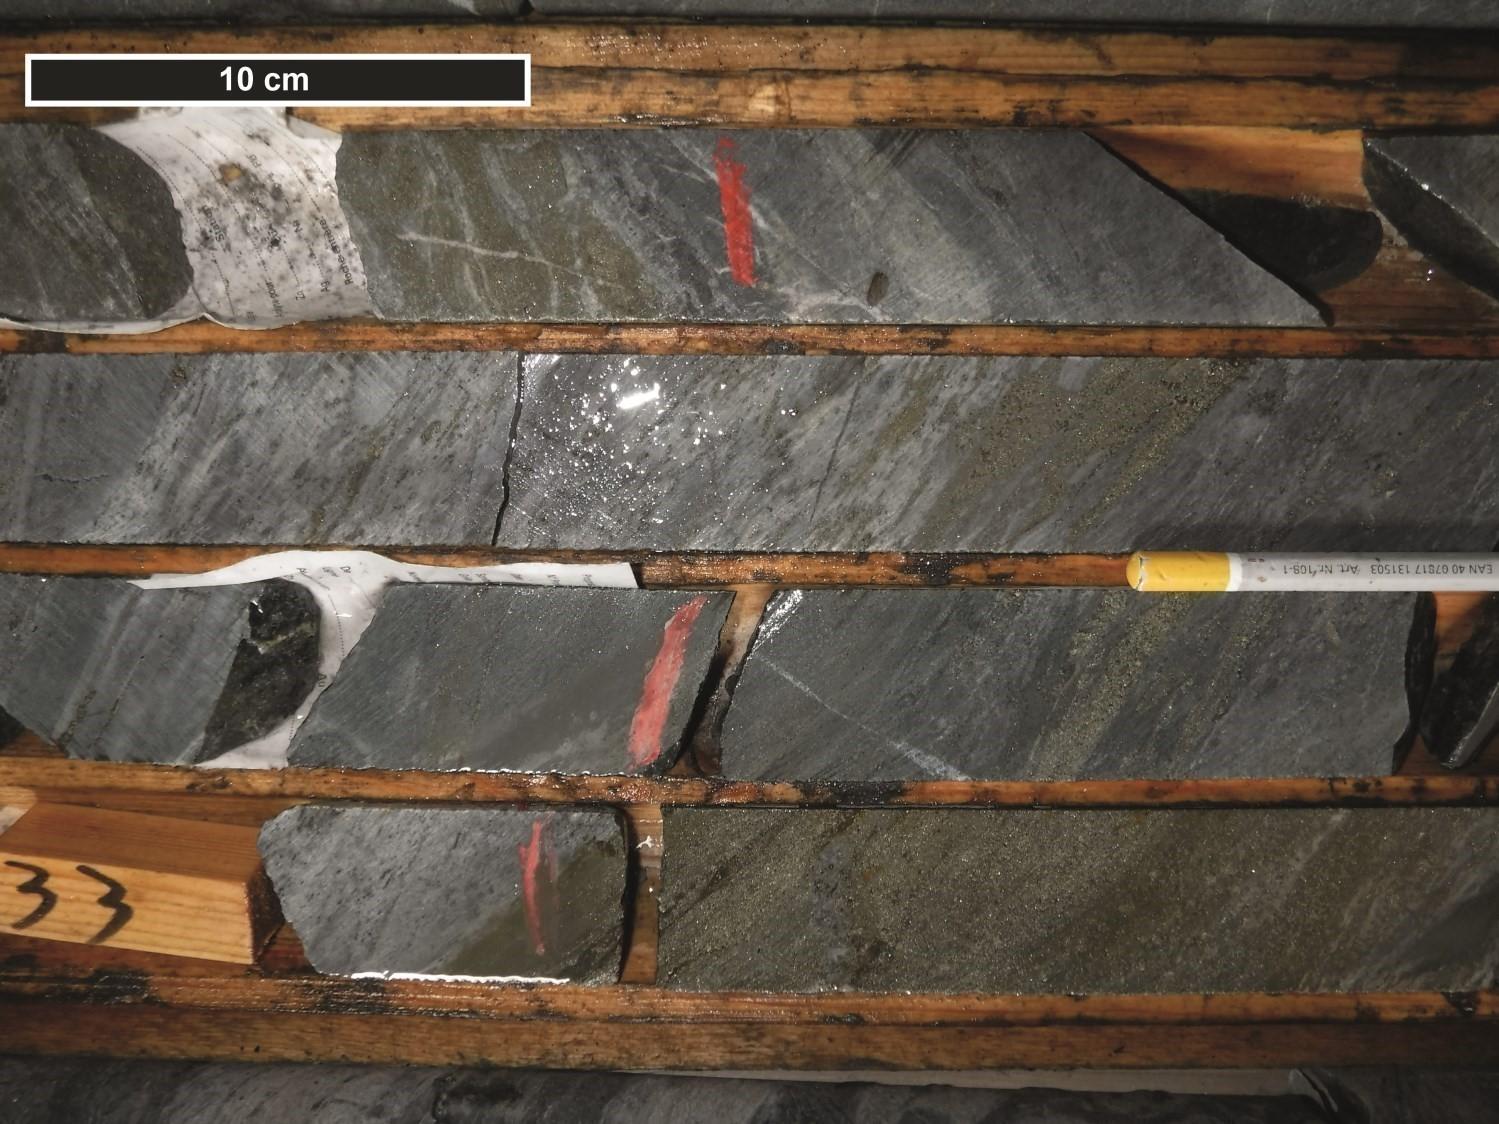 Gîte Barvallée, sulfures massifs et semi-massifs, forage VD-96-02, Fm de Lanaudière